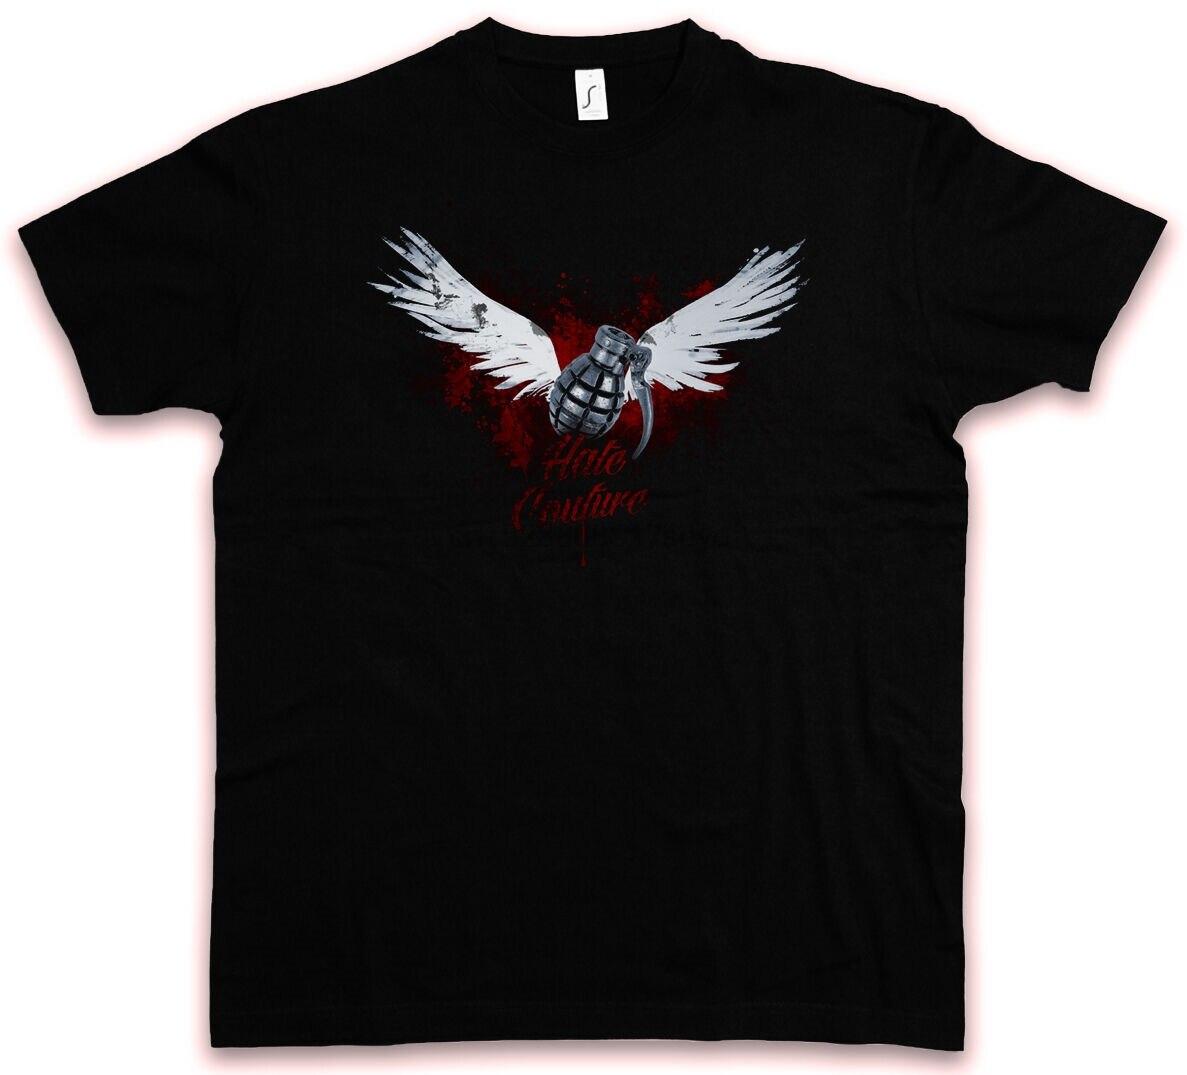 Hc alado 83 ódio couture tshirt granate guerra exército bomba tatuagem t camisa